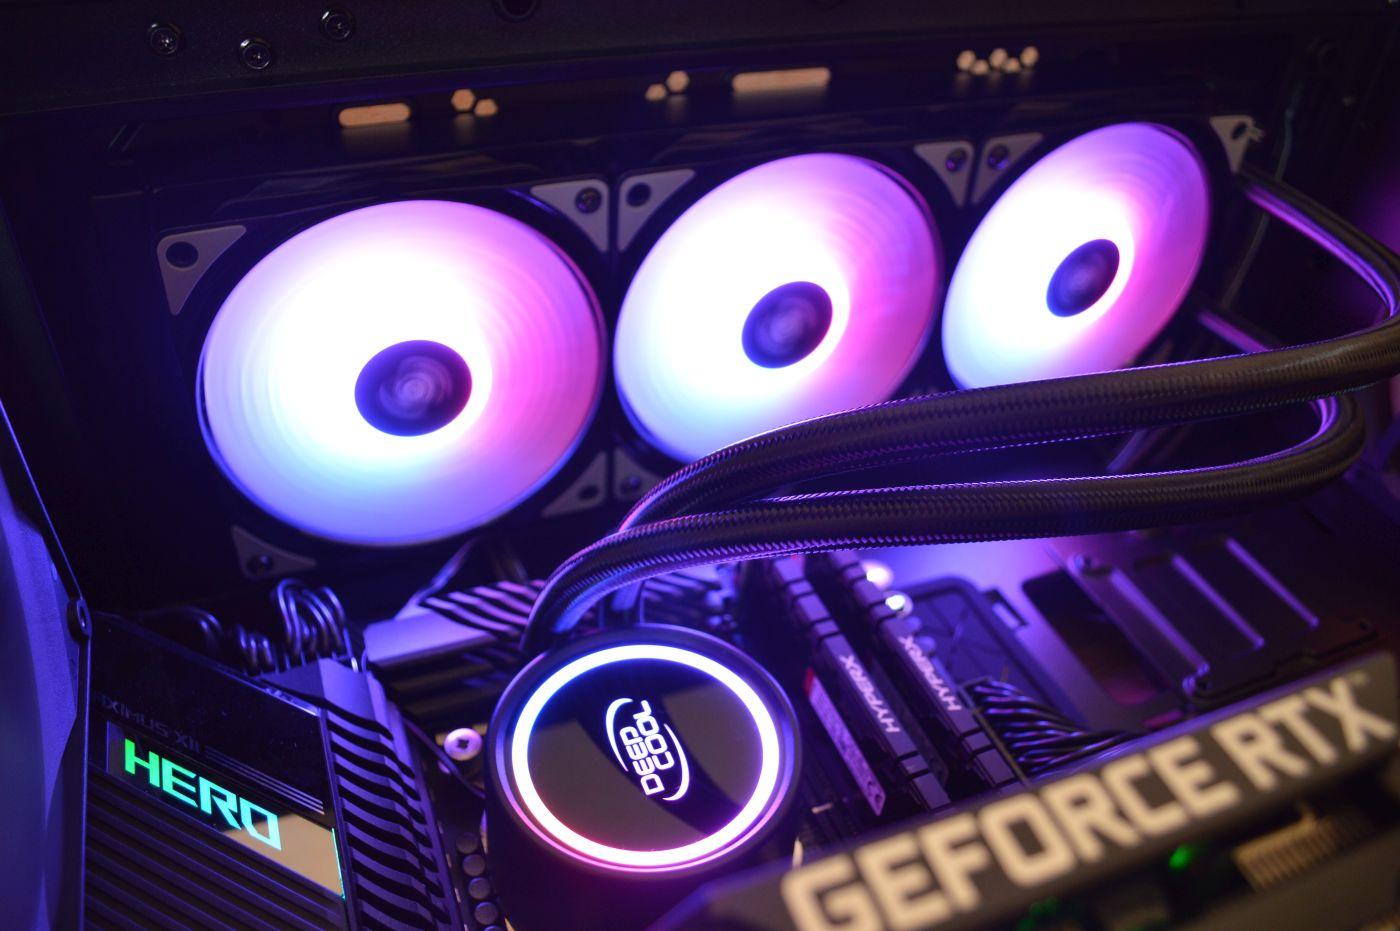 Обзор жидкостной системы охлаждения Deepcool Gammaxx L360 A-RGB